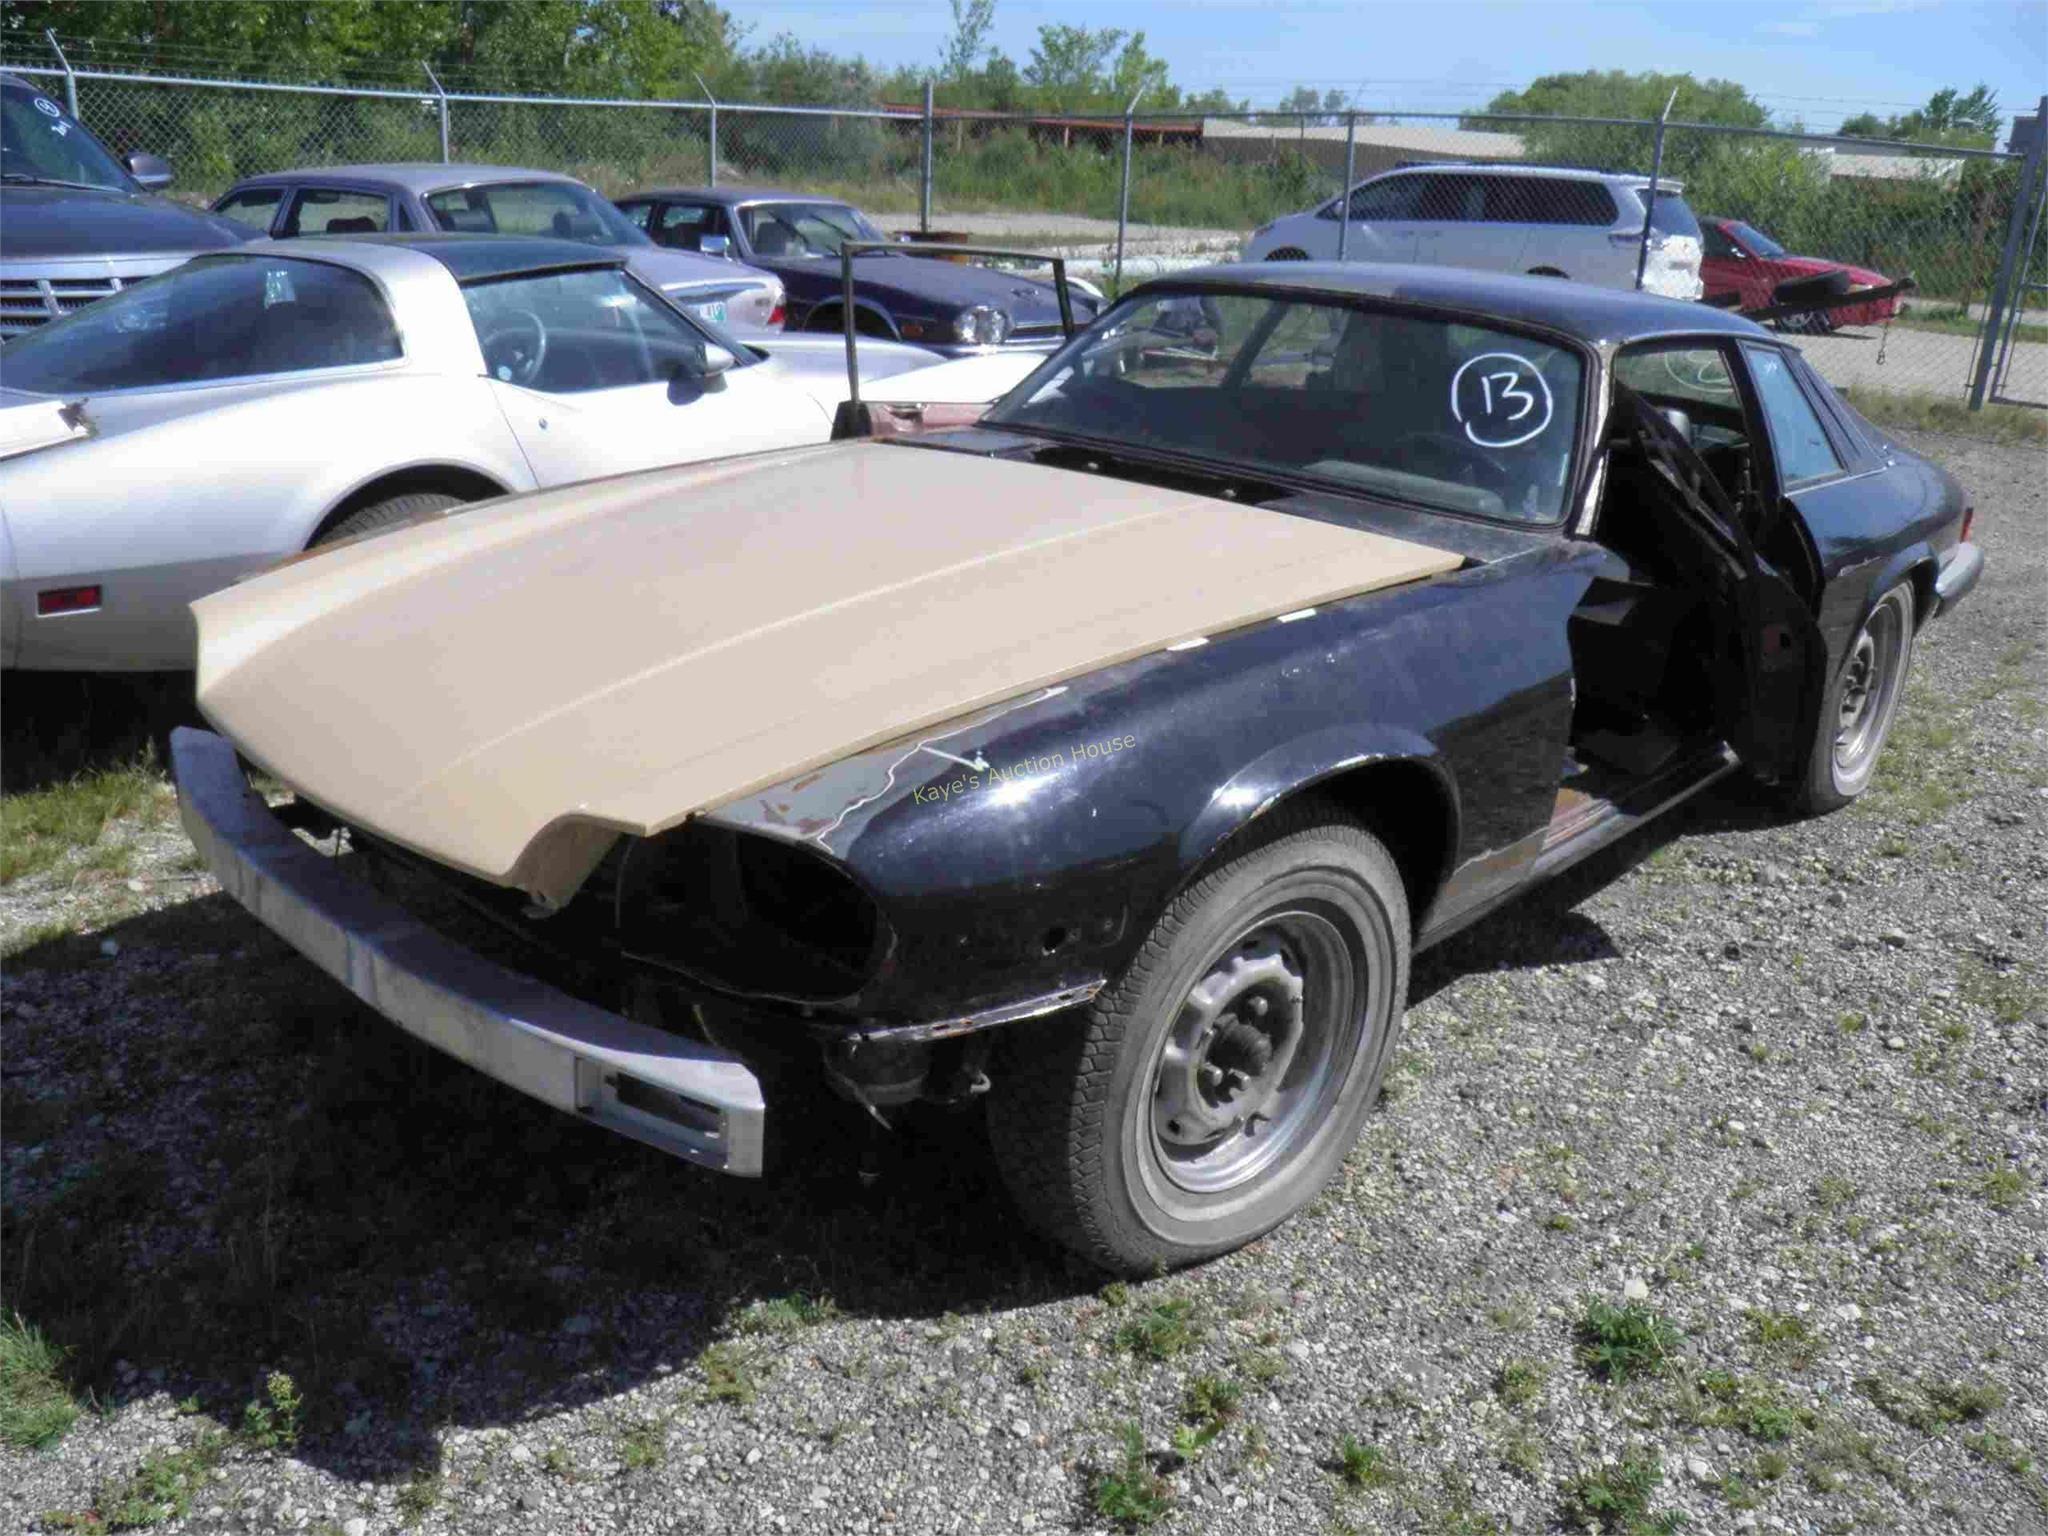 Vehicle Estate Auction Sept. 23, 2020